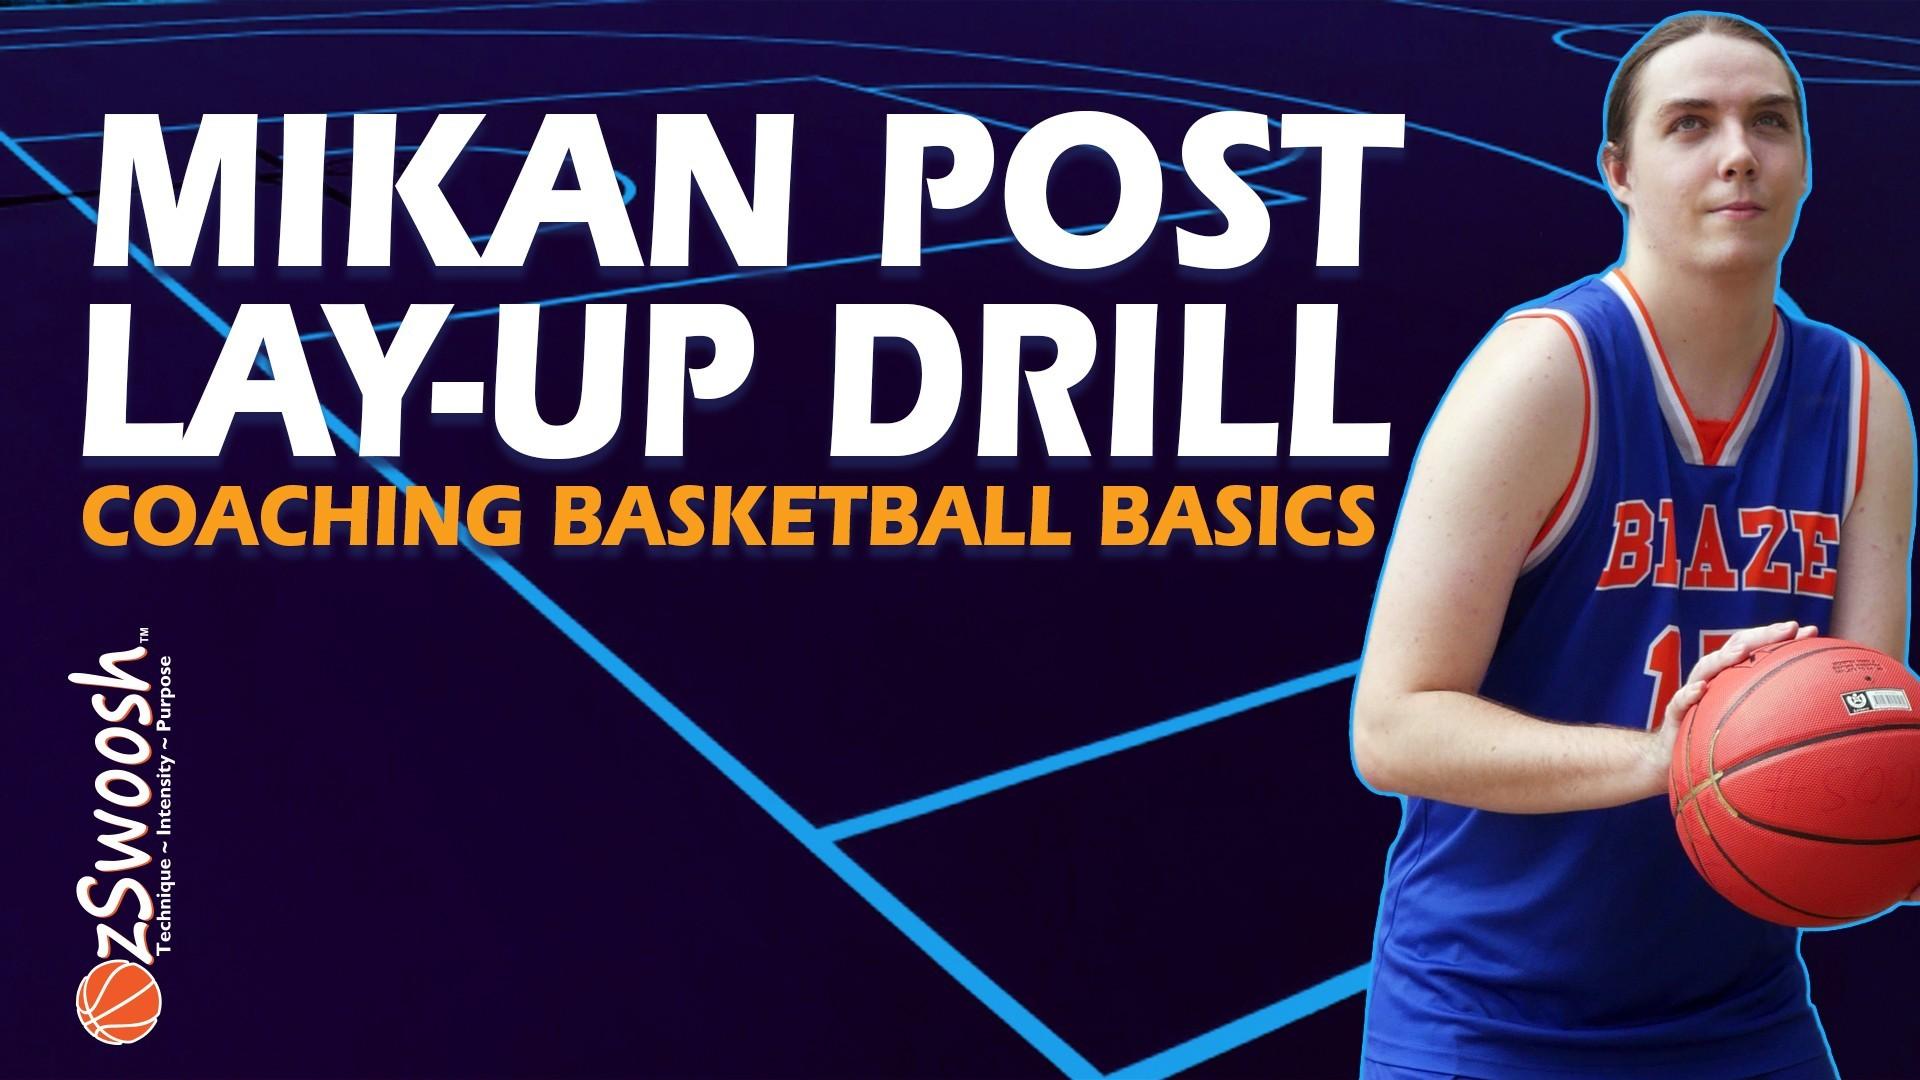 Basketball Mikan Post Layup Drill - Coaching Basketball Fundamentals